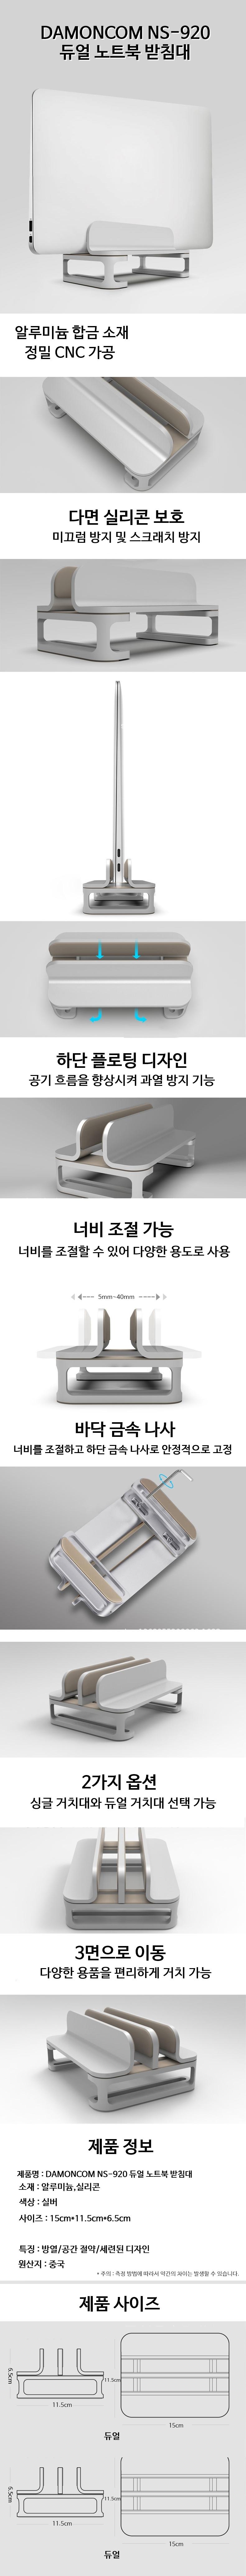 DAMONCOM NS-920 듀얼 노트북 받침대